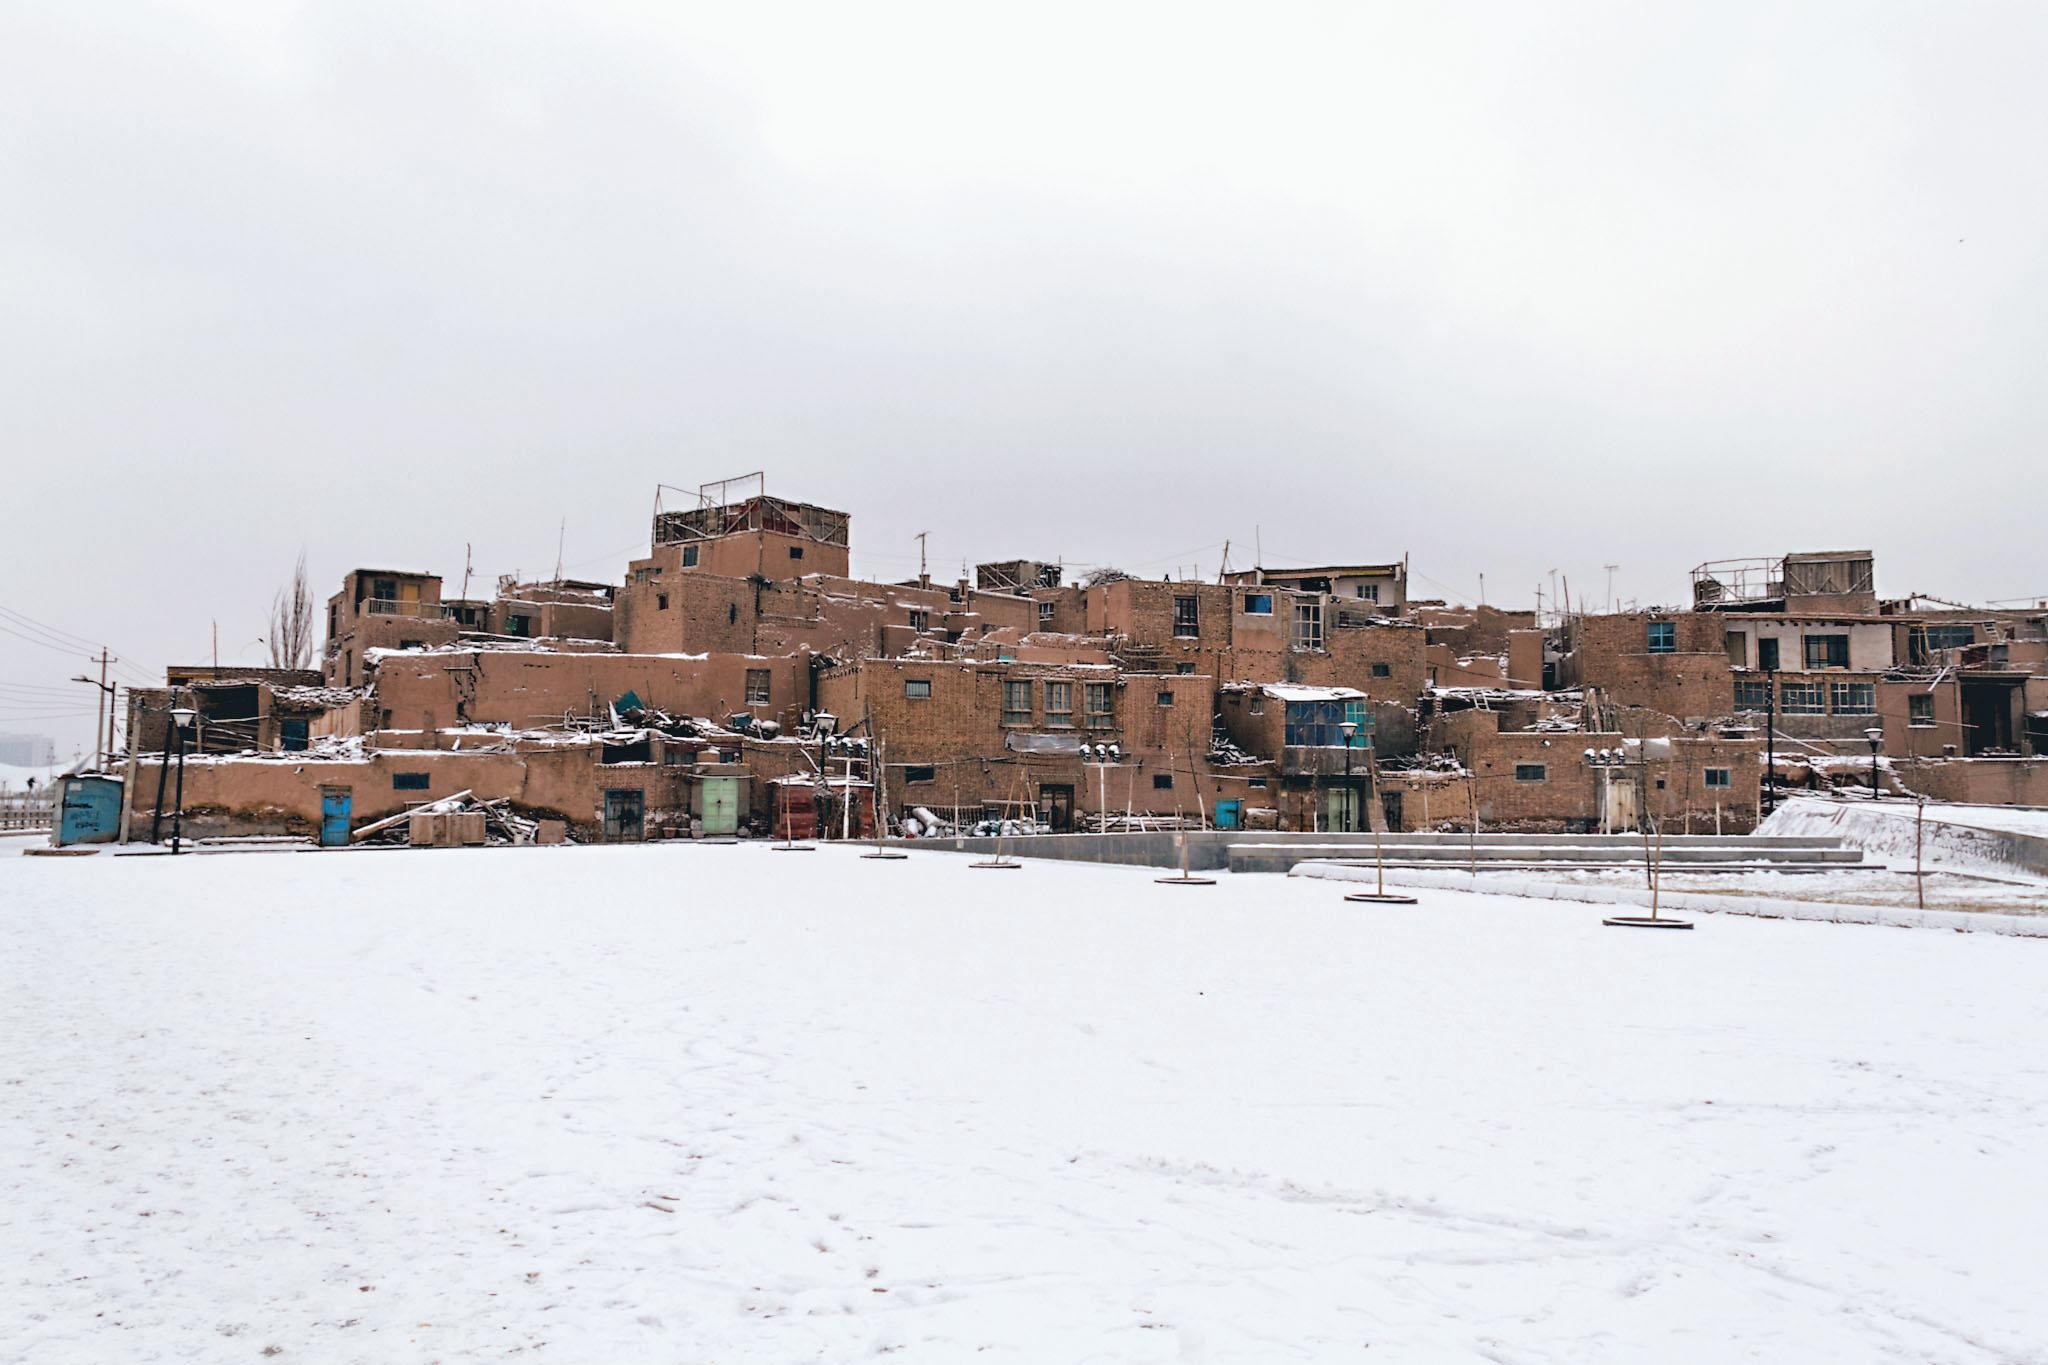 Kashgar Old Town, Xinjiang, China